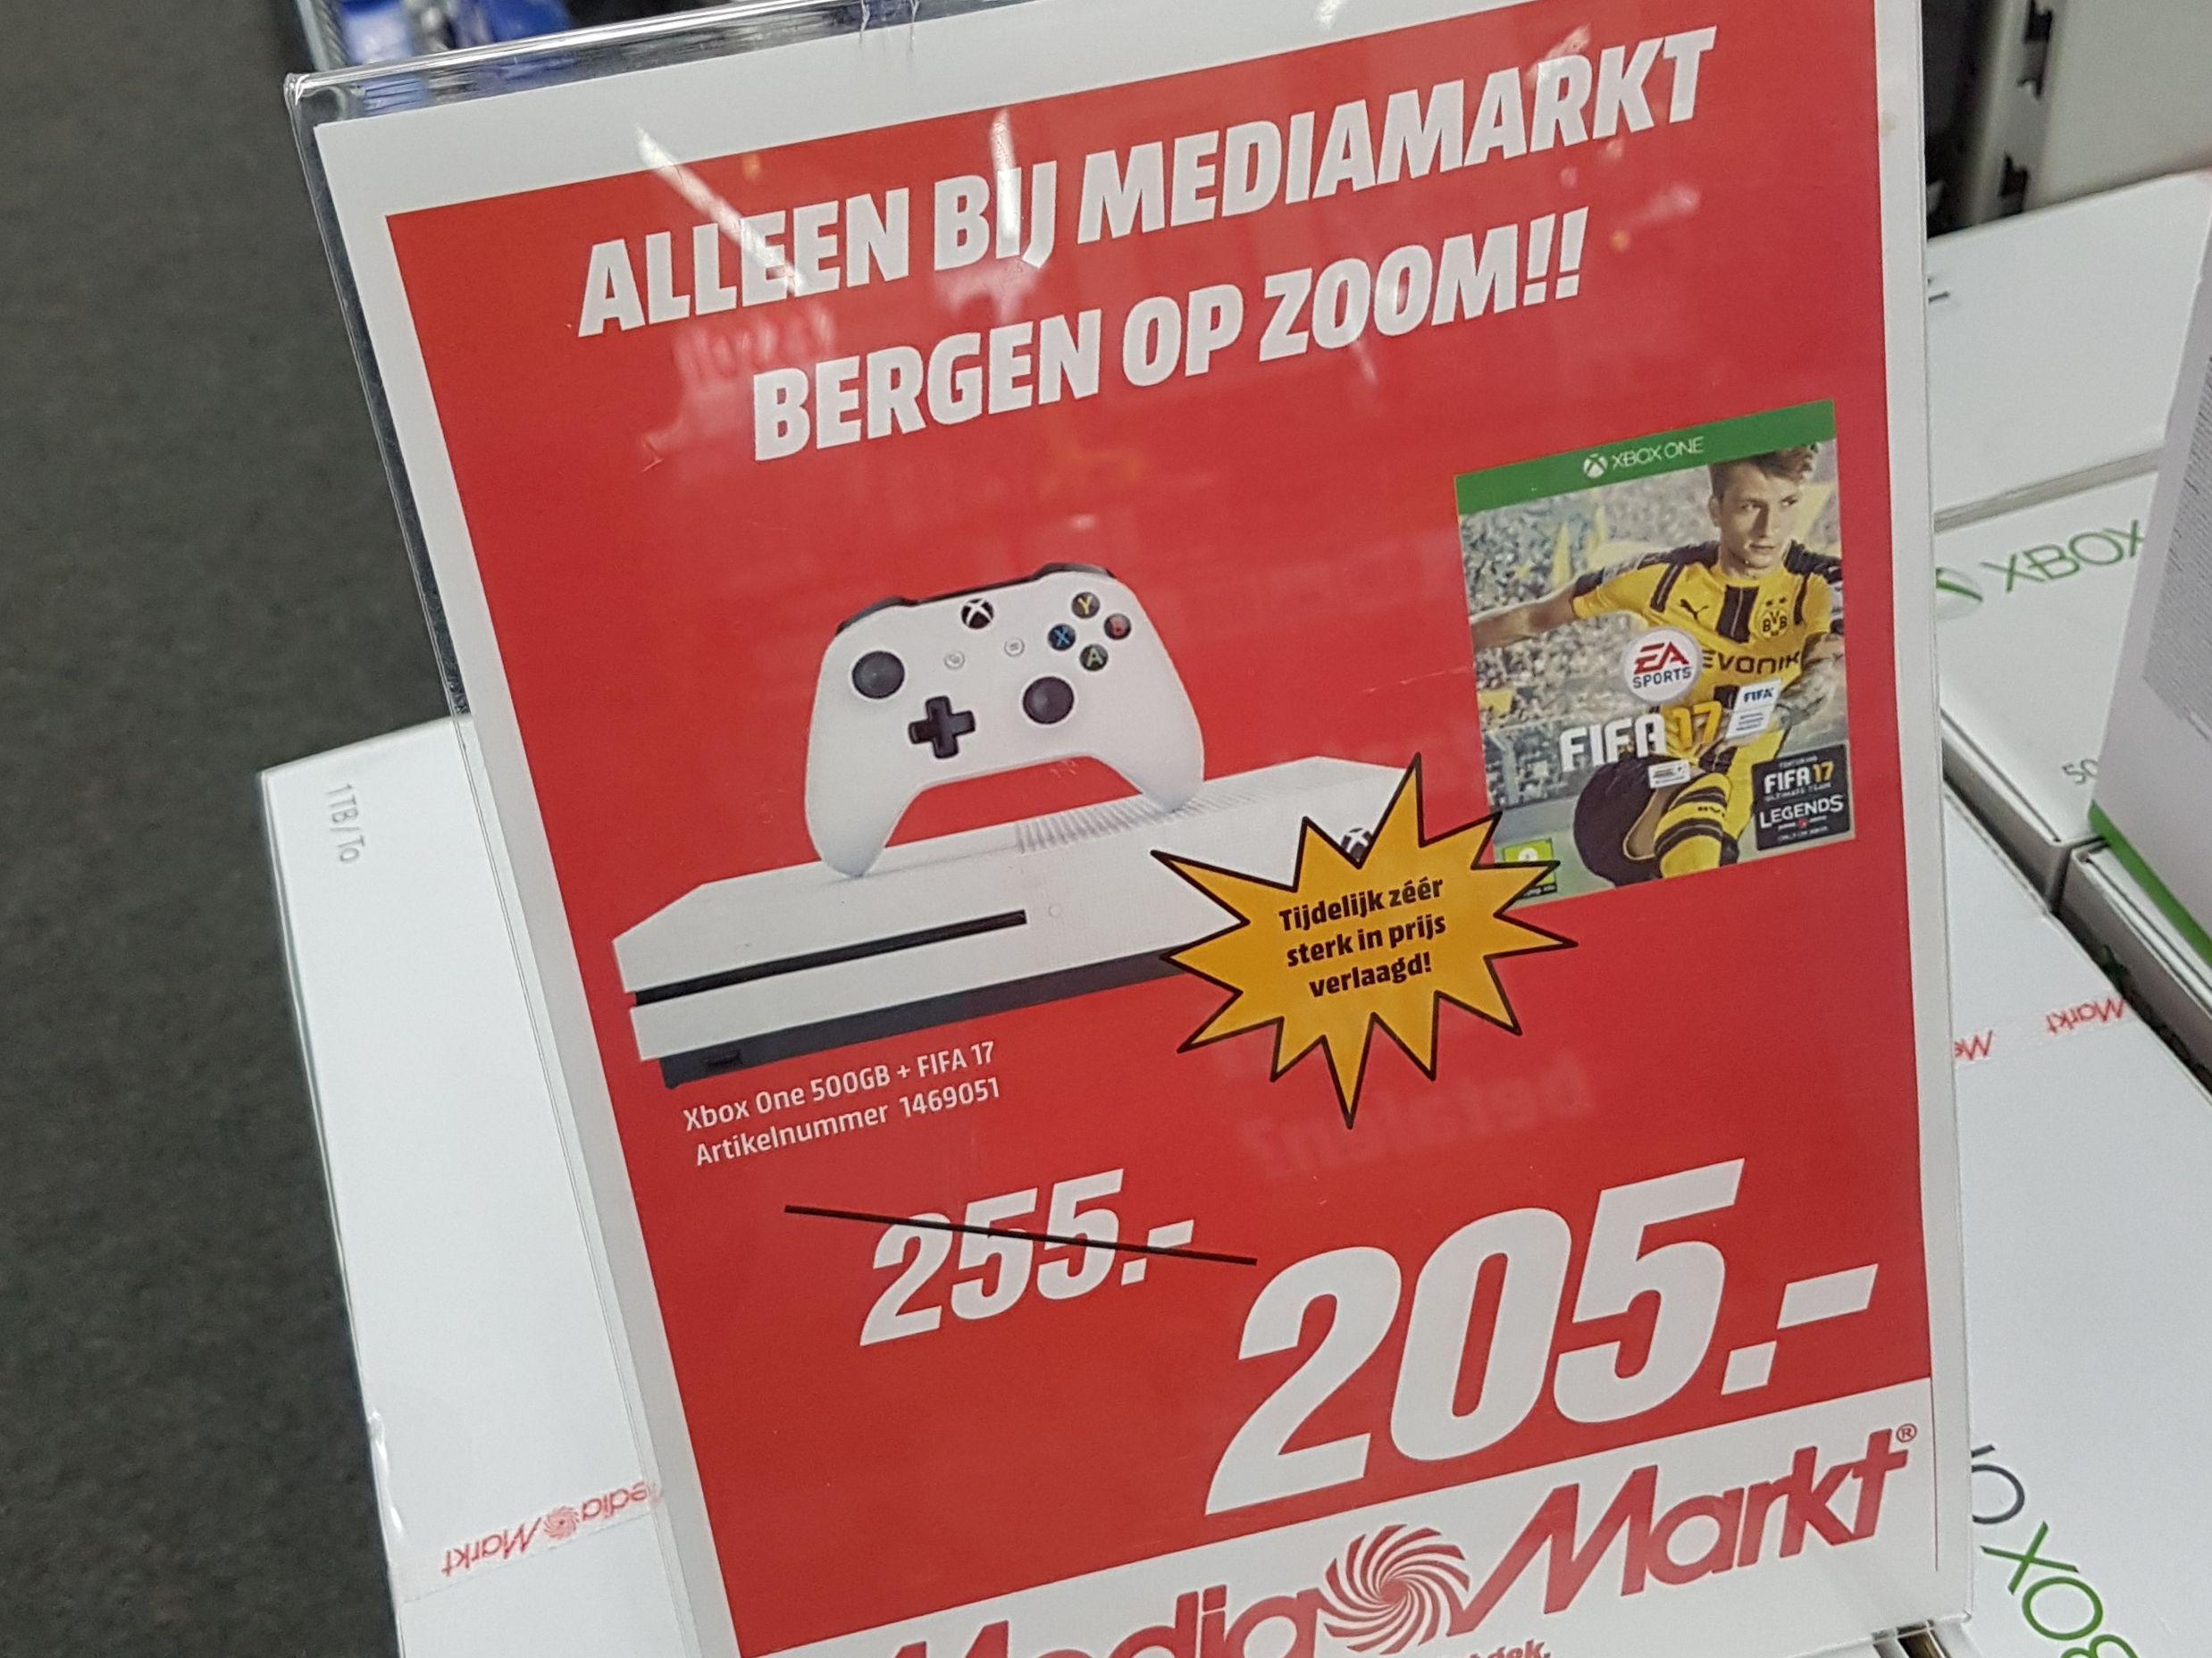 Xbox one S 500gb + fifa 17 @ Mediamarkt Bergen op Zoom